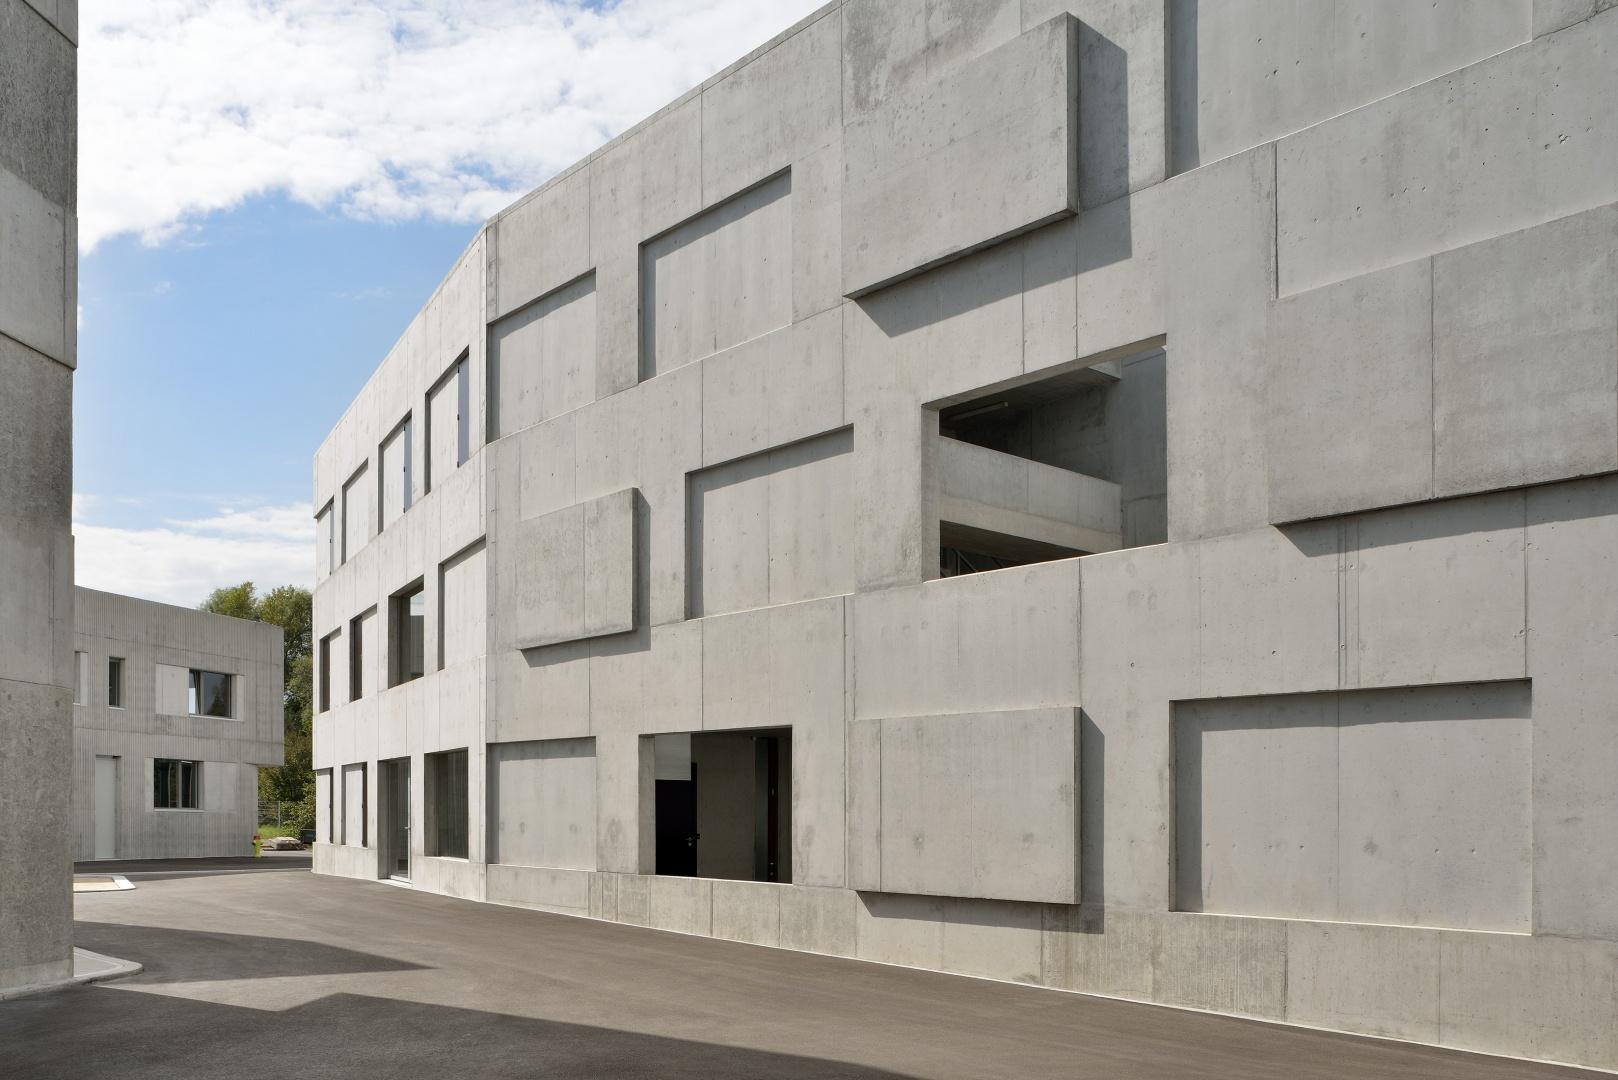 uedo - Brandhaus © Atelier M Architekten, Bild Sabrina Scheja